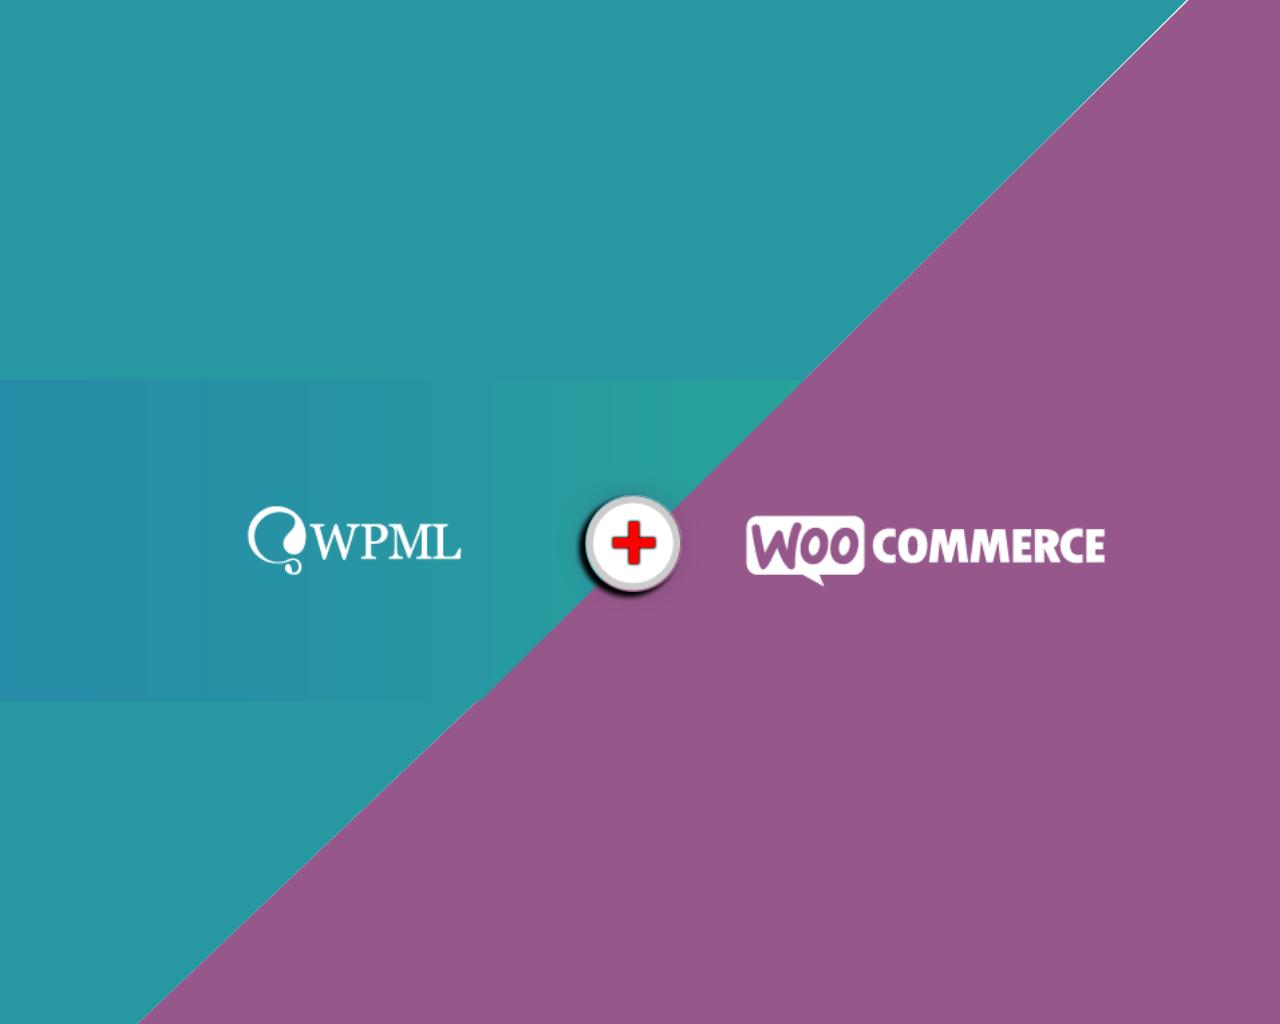 مميزات إنشاء متجر متعدد اللغات من خلال WooCommerce و WPML سويًا